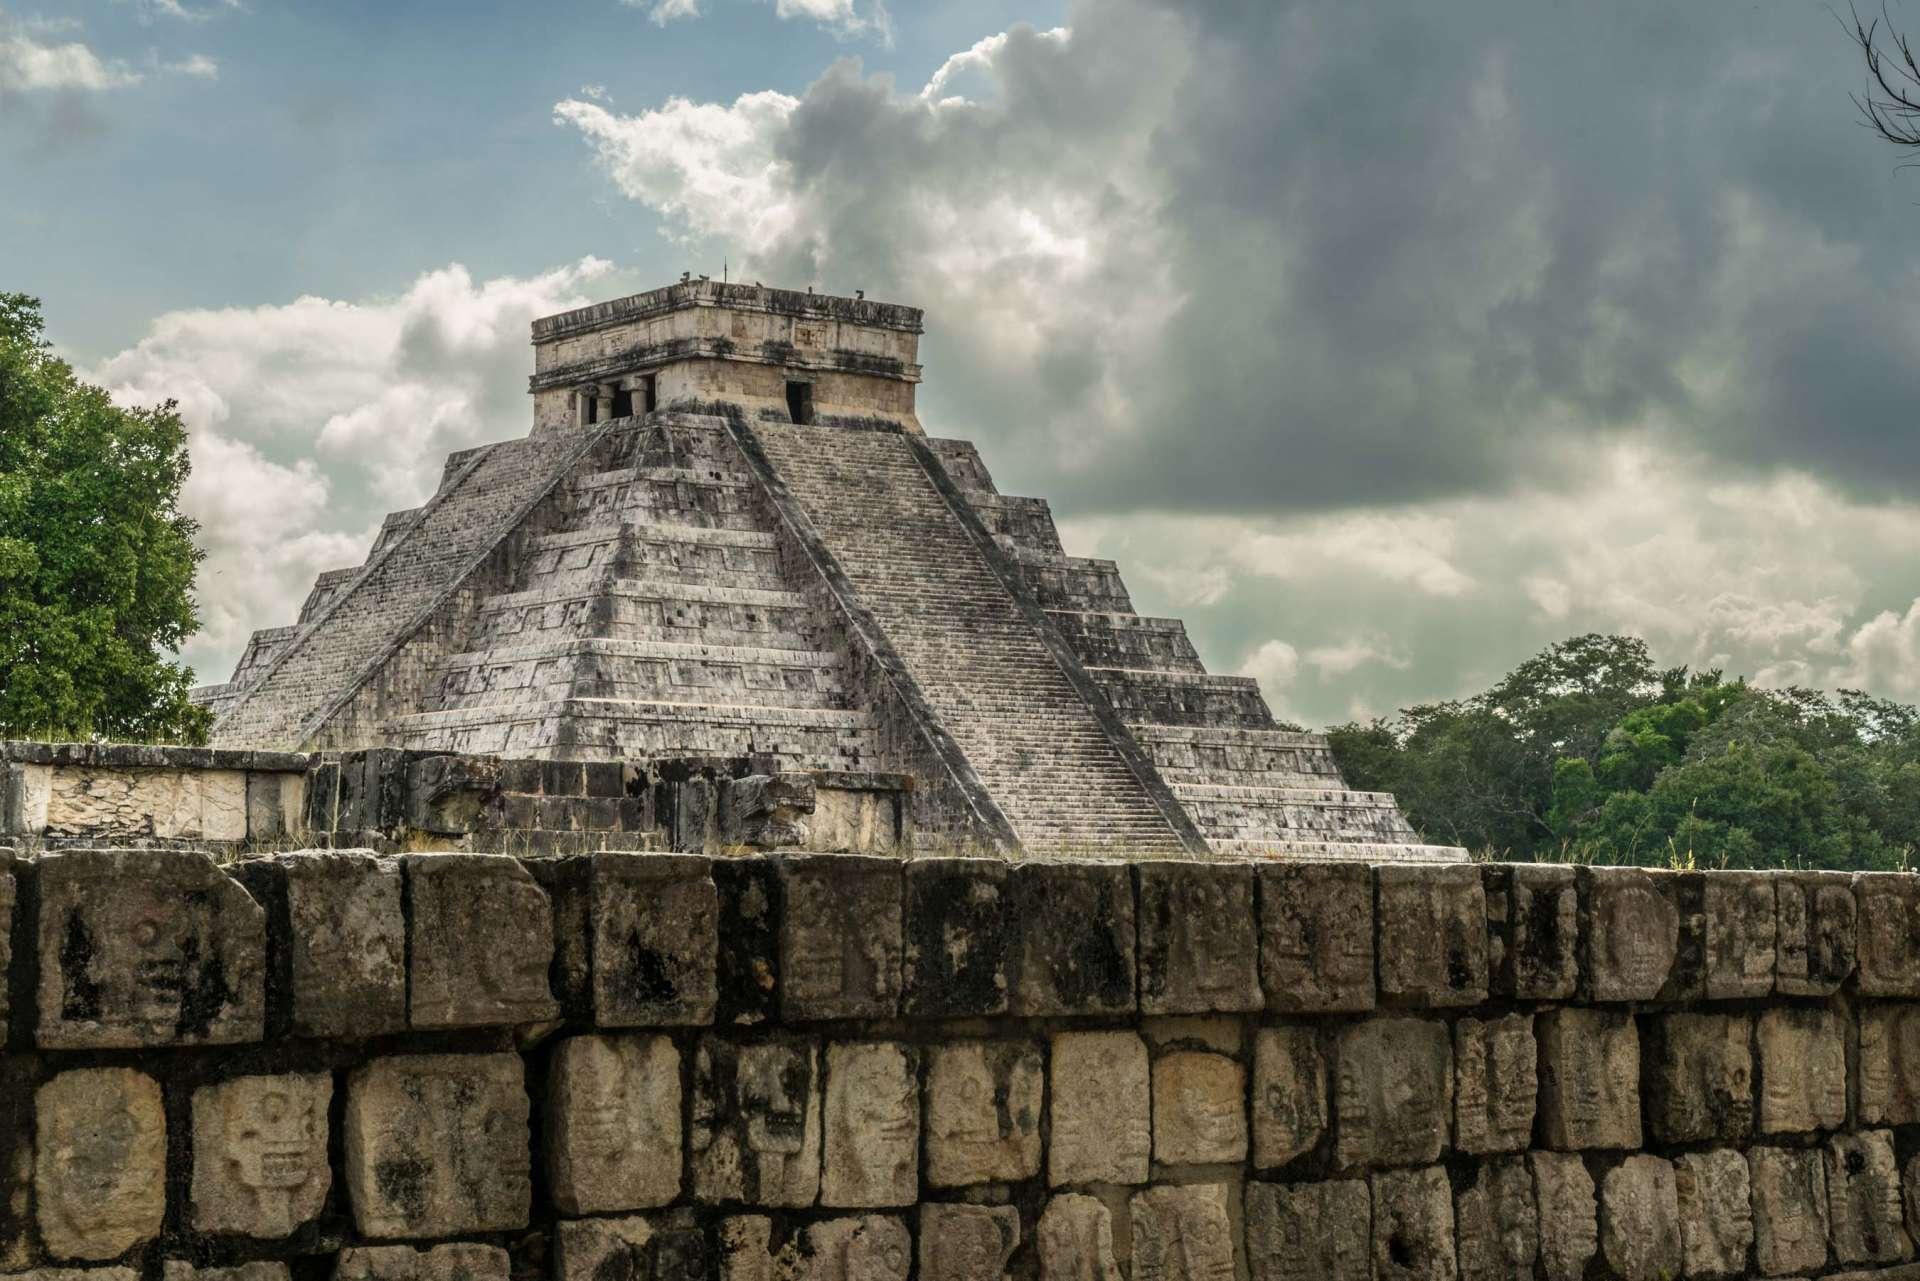 El Castillo Temple of Kukulcan Chichen Itza Yucatan Mexico 3